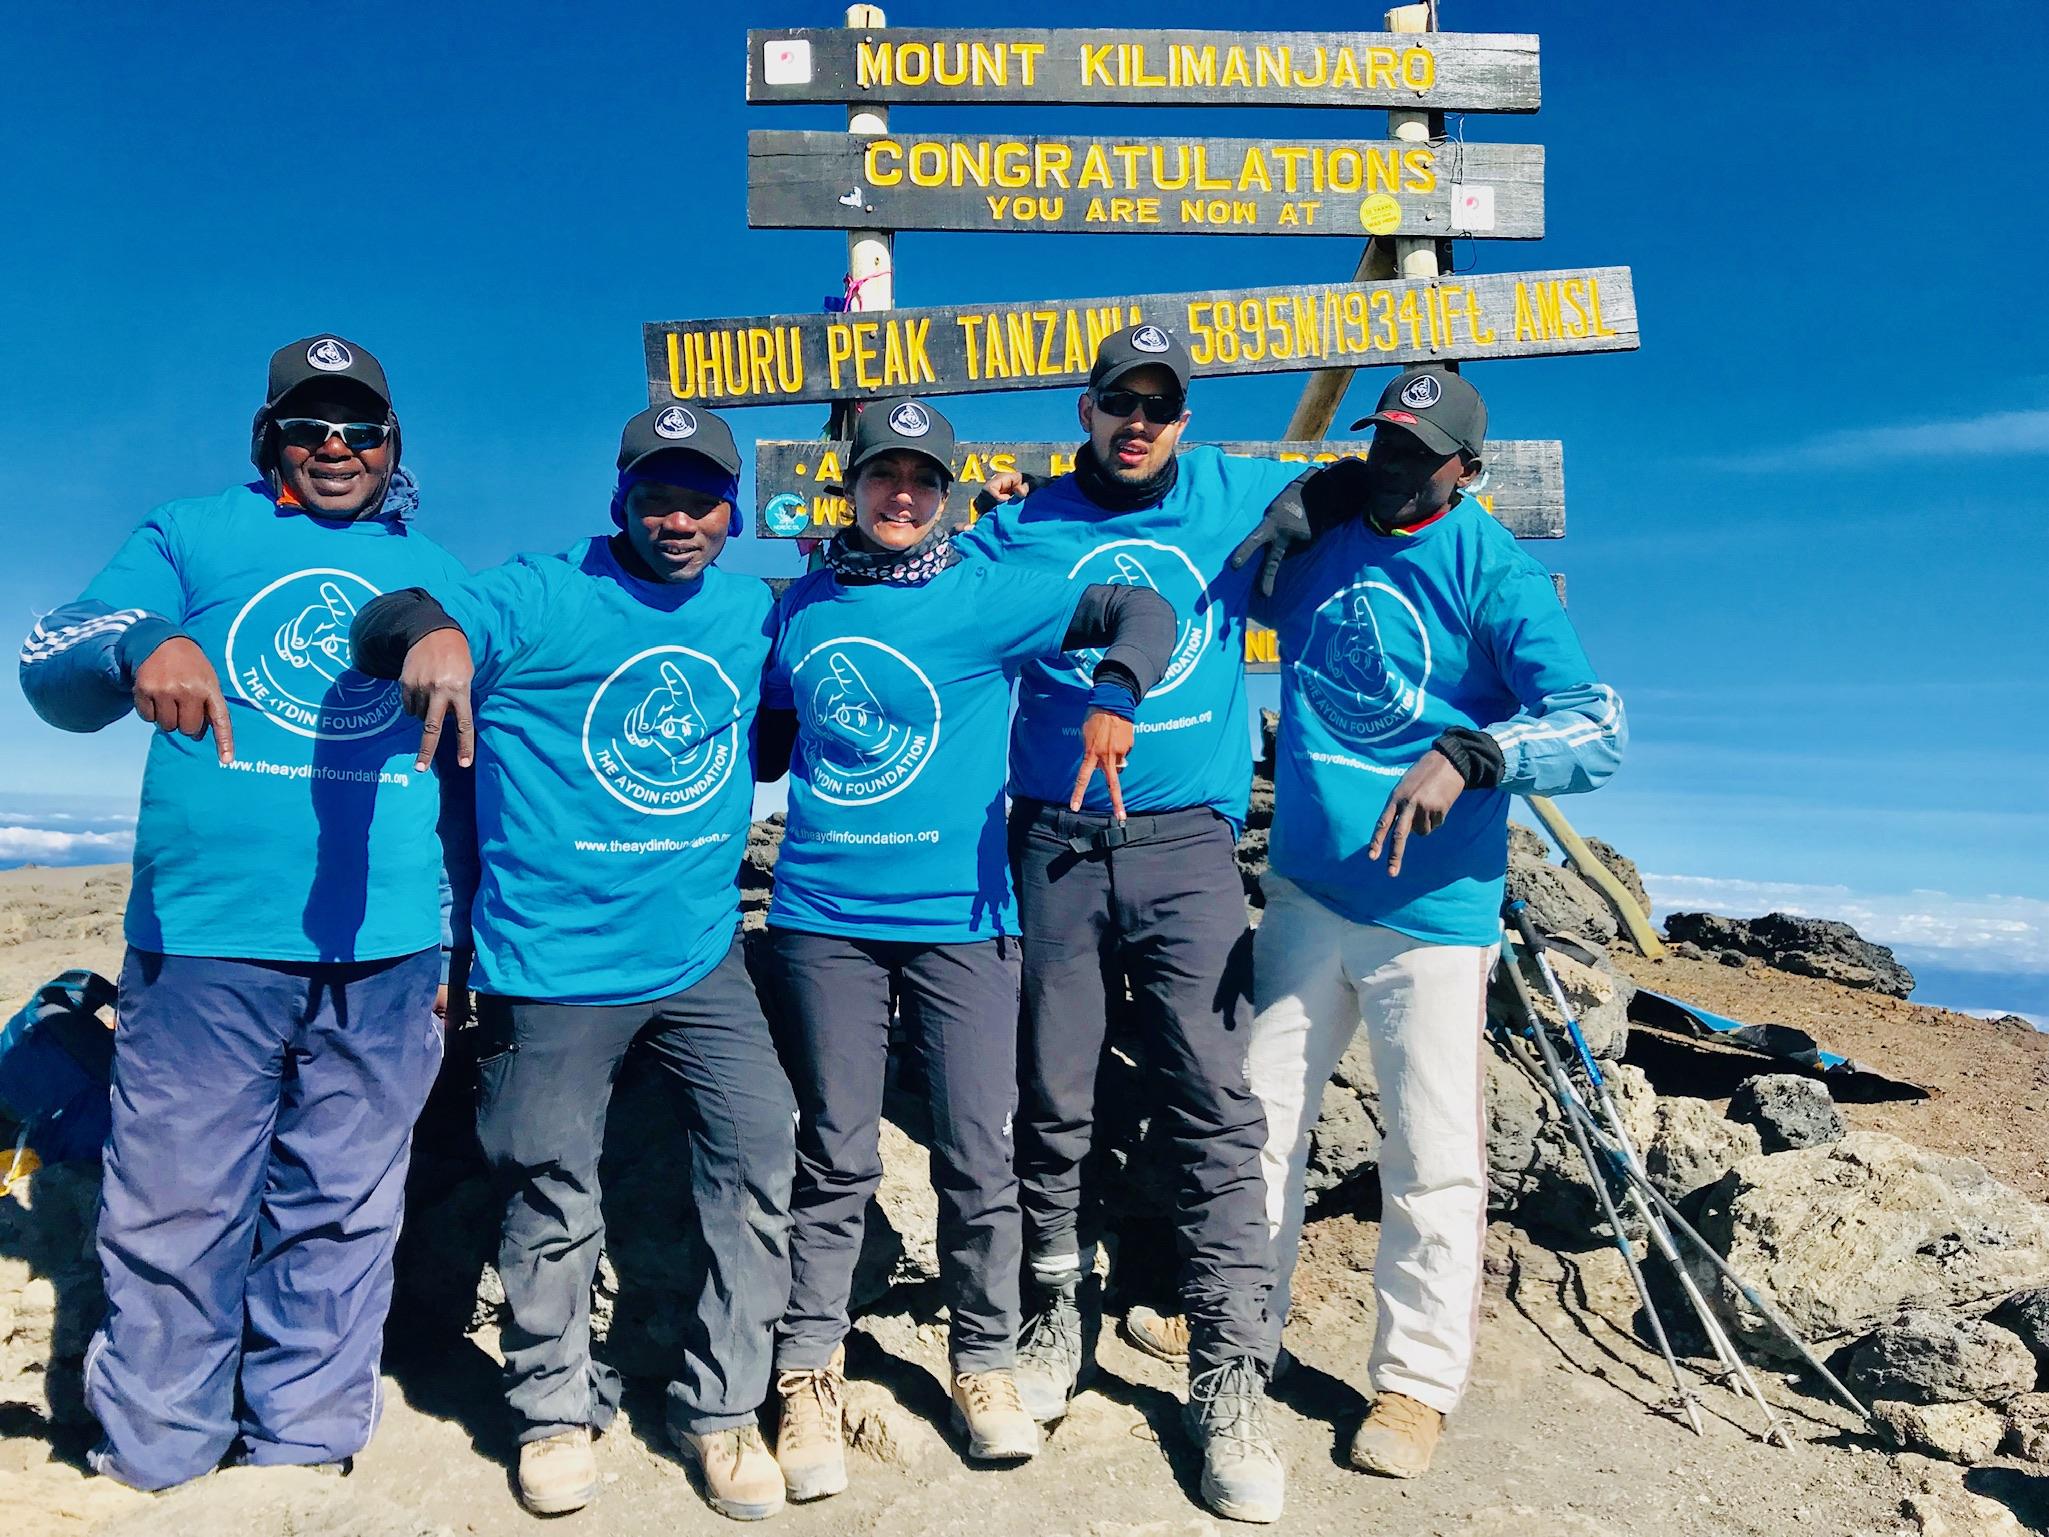 Bobby & Rabiya Conquer Mount Kilimanjaro